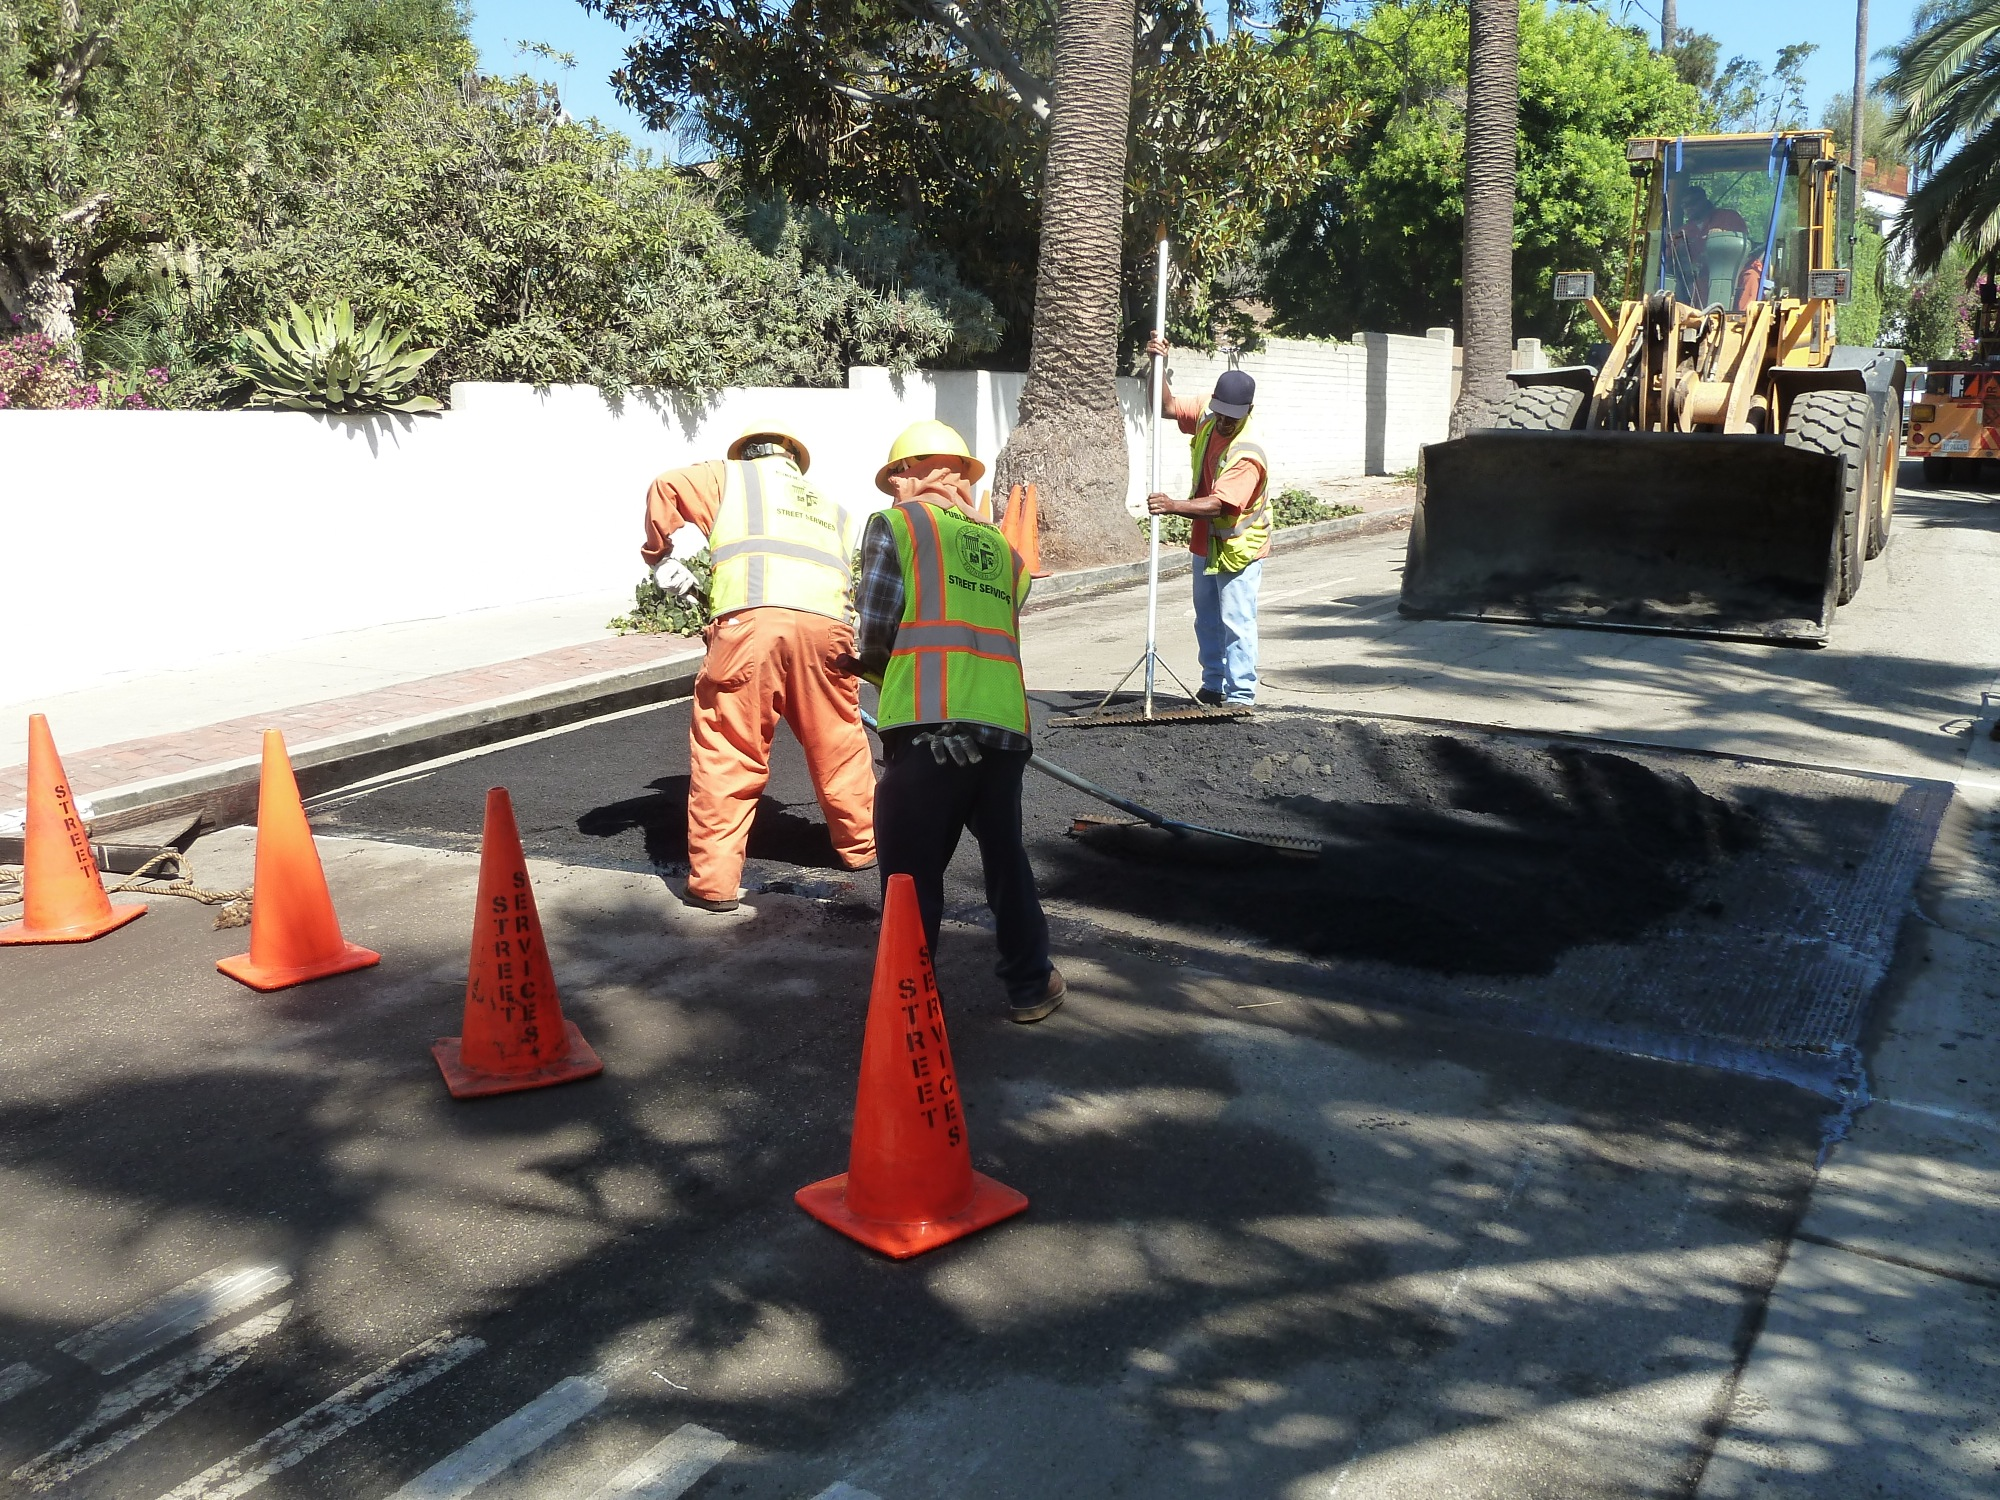 Spreading the asphalt with rakes